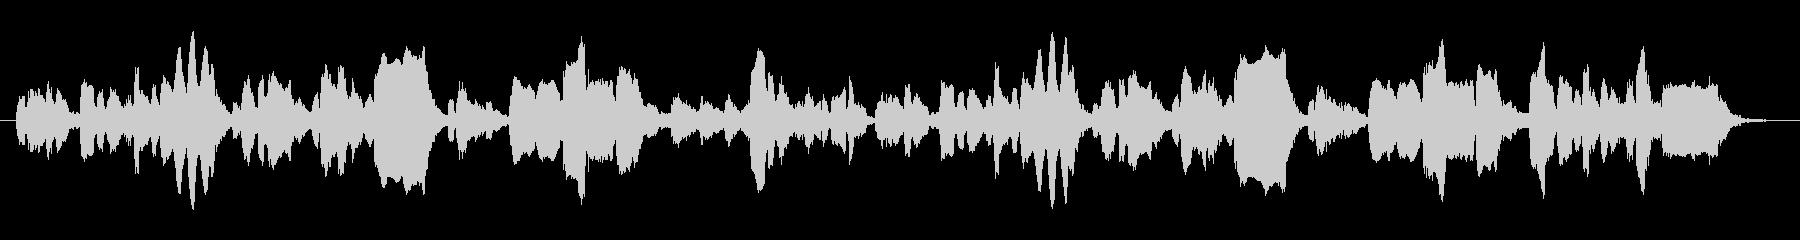 生演奏リコーダーのほのぼのとした音楽の未再生の波形